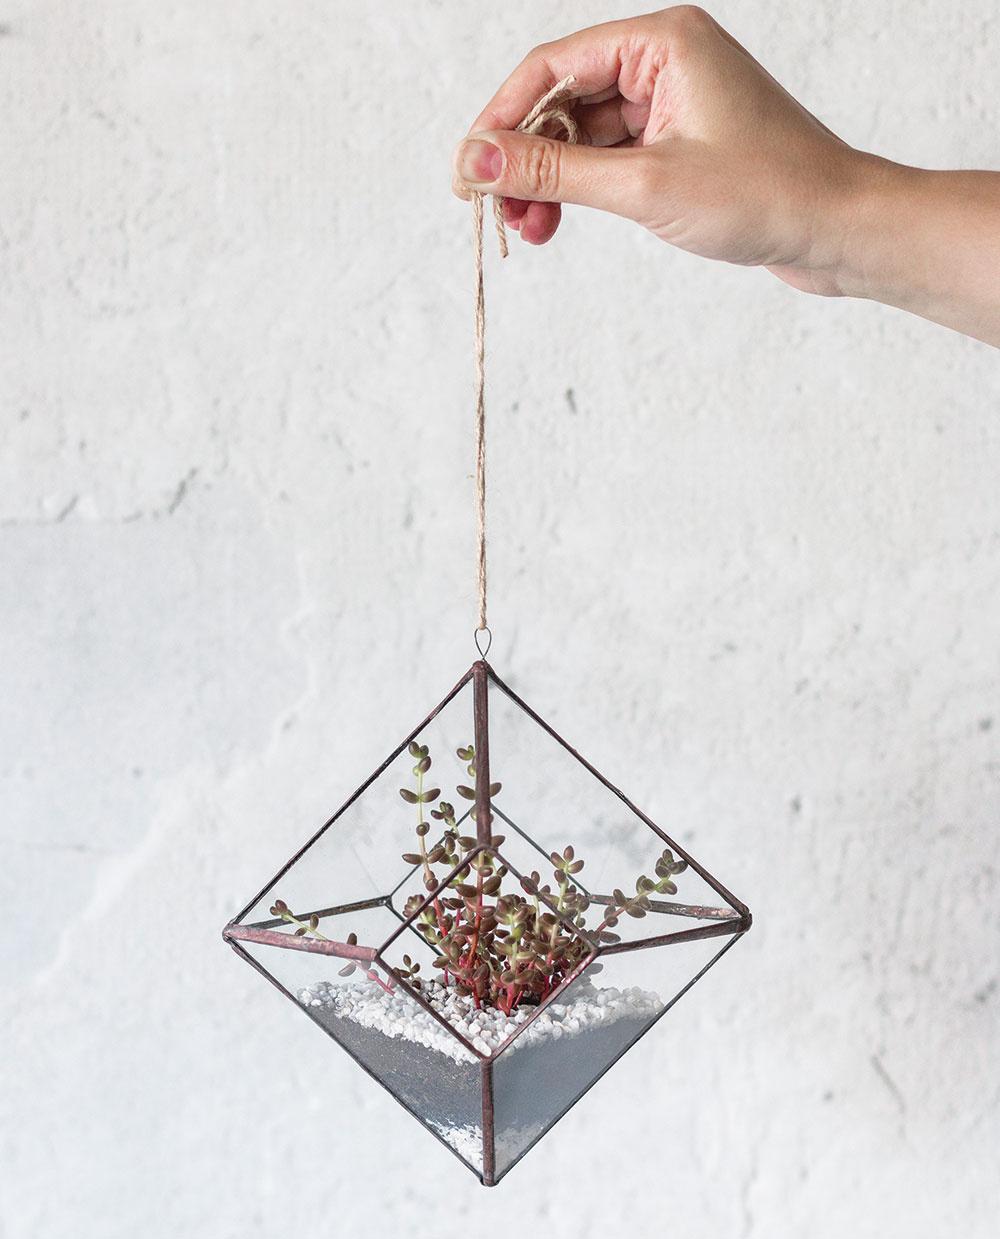 Minimalistické závesné terárium v tvare diamantu, v ktorom vynikne jeden solitér, napríklad sukulent rozchodník (Sedum rubrotinctum).